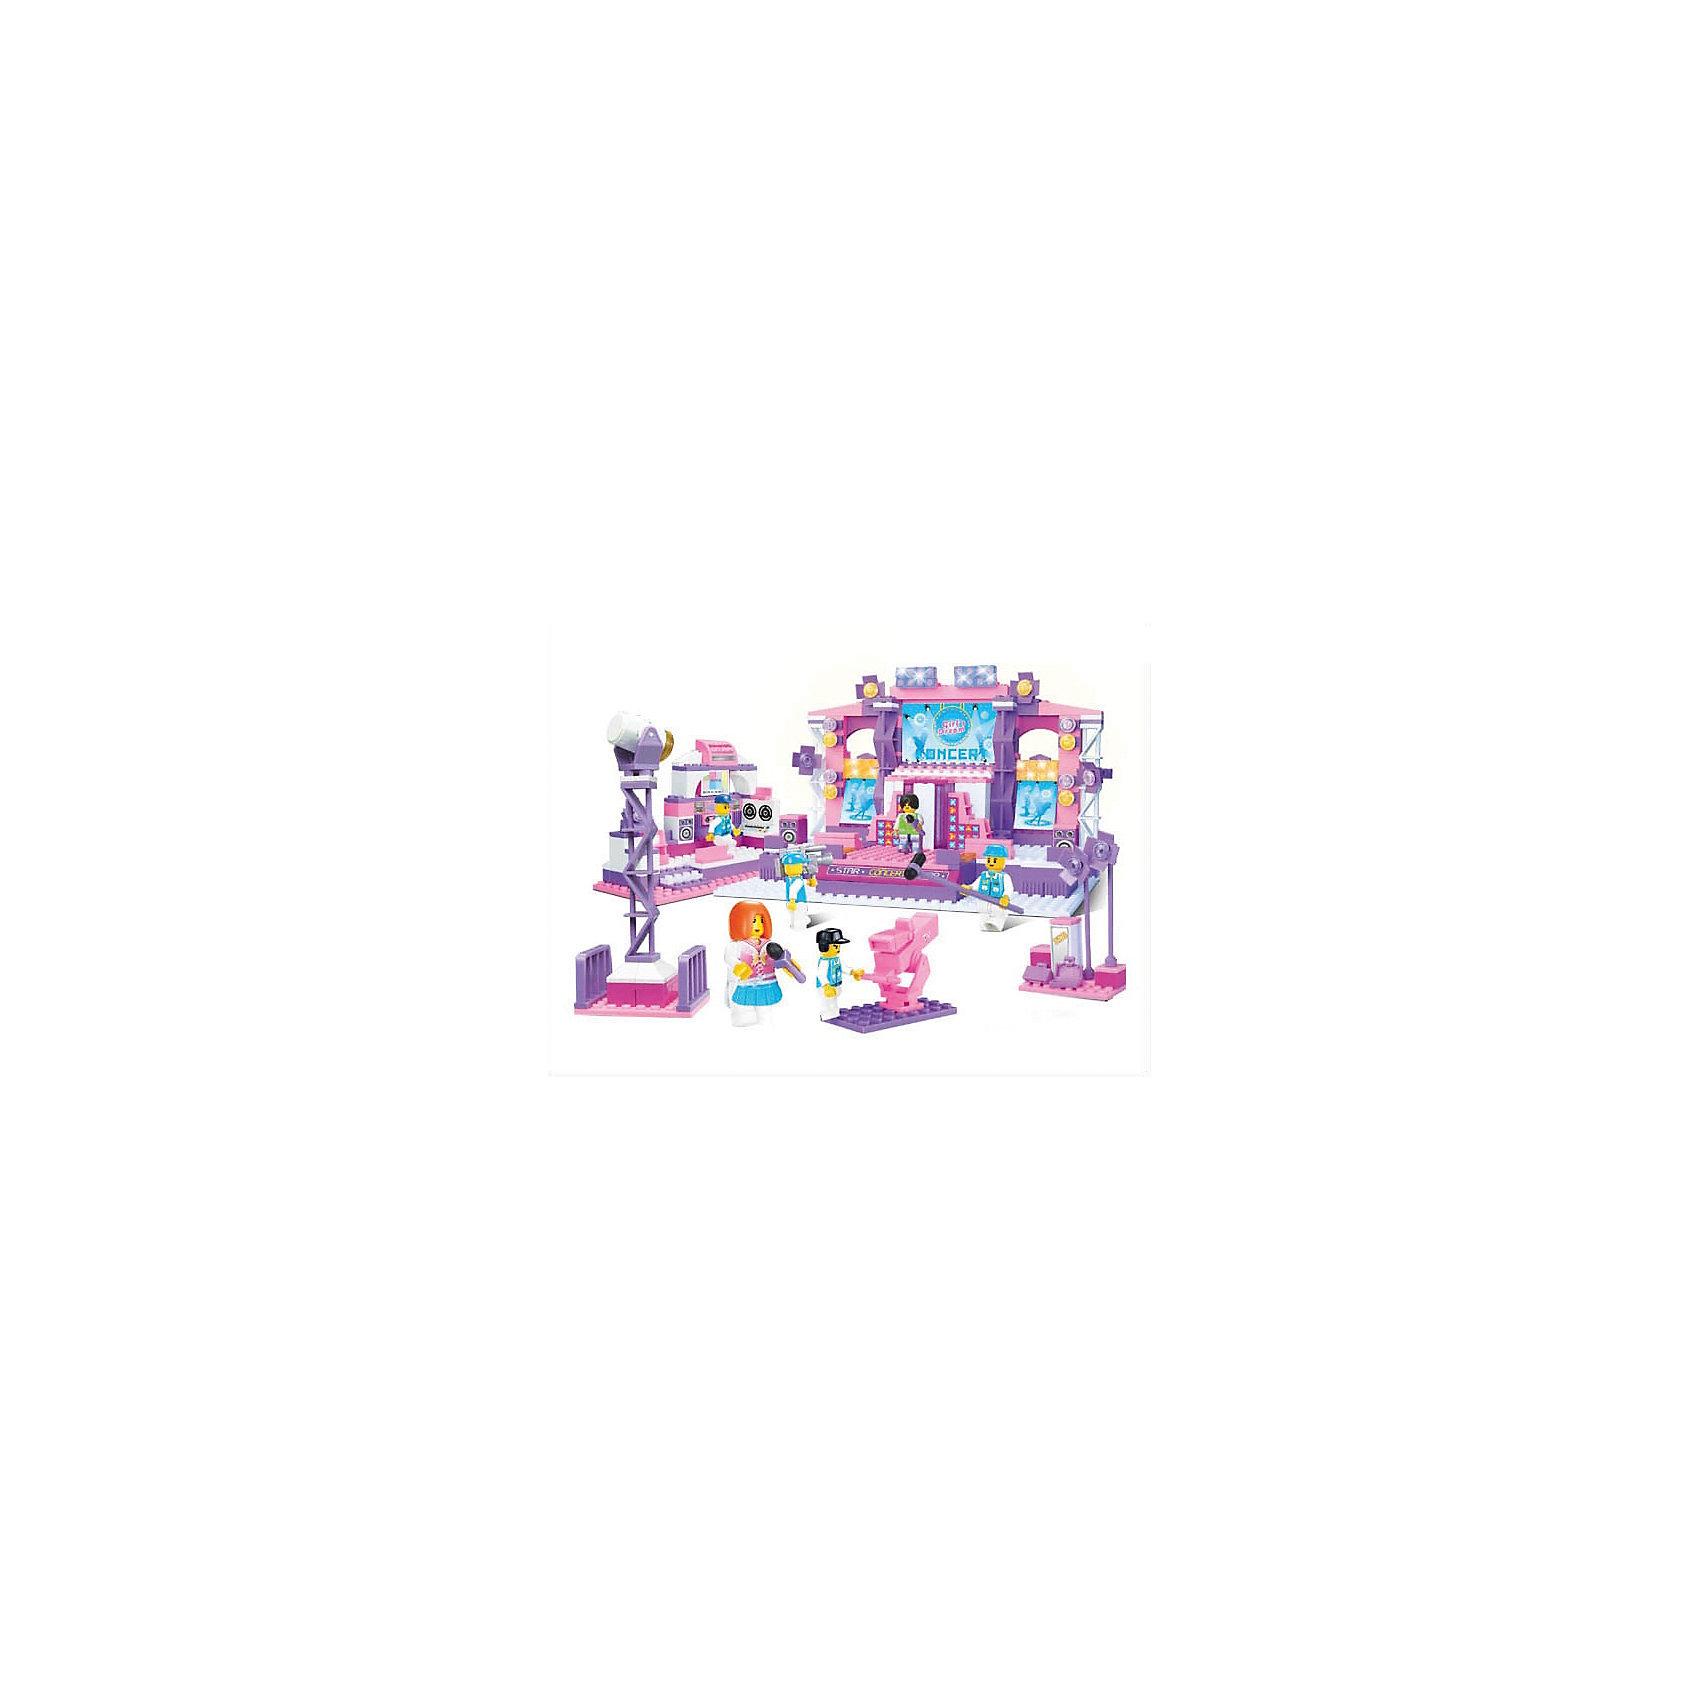 Конструктор Розовая мечта: Звёздный концерт, 430 деталей, SlubanПластмассовые конструкторы<br>Конструктор Розовая мечта: Звёздный концерт, 430 деталей, Sluban (Слубан)<br><br>Характеристики:<br><br>• возраст: от 6 лет<br>• сцена и телевизионная площадка из конструктора<br>• количество деталей: 430<br>• количество фигурок: 6<br>• материал: пластик<br>• размер упаковки:6х32,5х43 см<br>• вес: 1380 грамм<br><br>Конструктор Розовая мечта: Звёздный концерт от Sluban состоит из 6 фигурок и 430 деталей. Из них можно собрать сцену, телевизионную площадку, а потом устроить грандиозный концерт! Телеведущие и операторы непременно будут освещать это событие. Игра способствует развитию воображения, мелкой моторики и логического мышления.<br><br>Конструктор Розовая мечта: Звёздный концерт, 430 деталей, Sluban (Слубан) вы можете купить в нашем интернет-магазине.<br><br>Ширина мм: 430<br>Глубина мм: 325<br>Высота мм: 60<br>Вес г: 1380<br>Возраст от месяцев: 72<br>Возраст до месяцев: 2147483647<br>Пол: Женский<br>Возраст: Детский<br>SKU: 5453788